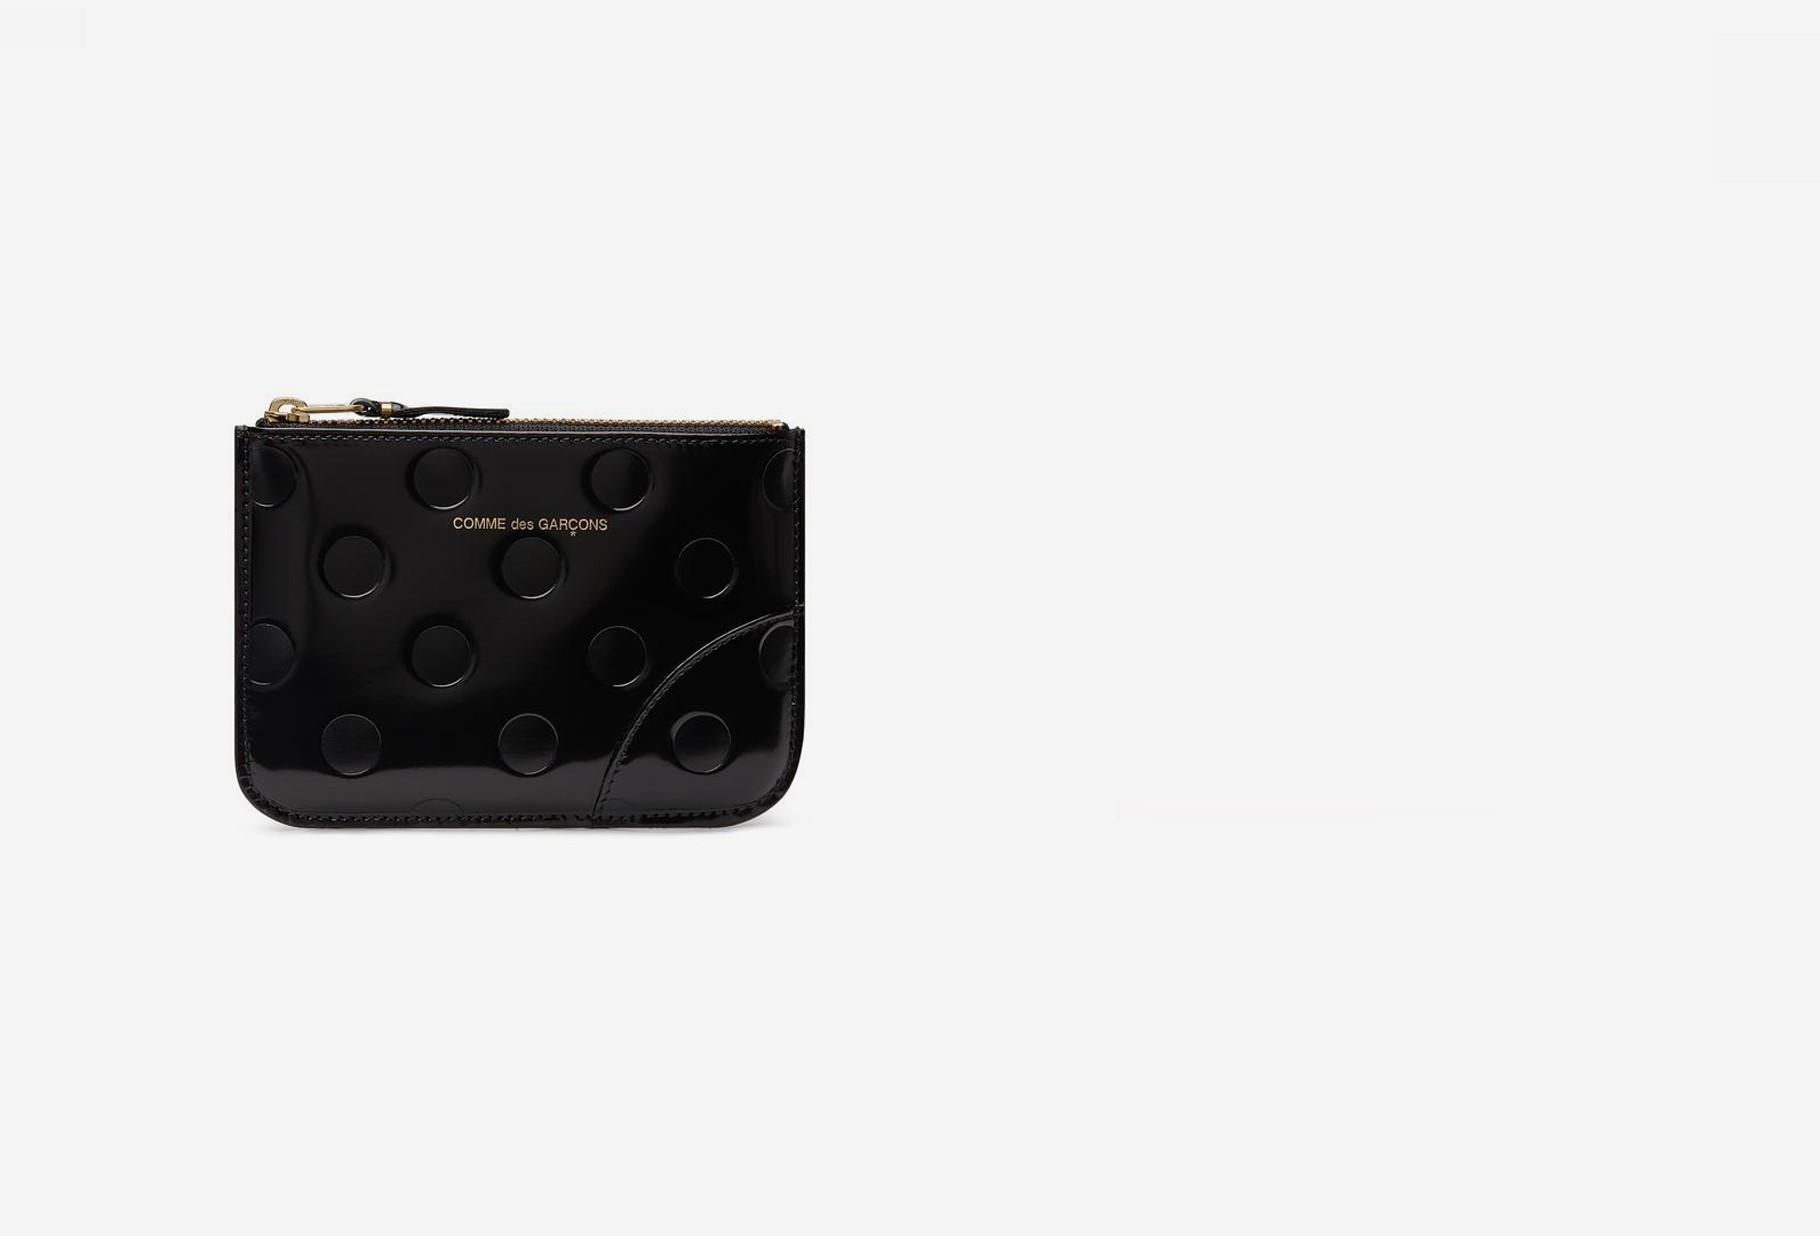 COMME DES GARÇONS WALLETS / Cdg leather wallet polka dots Sa8100ne black